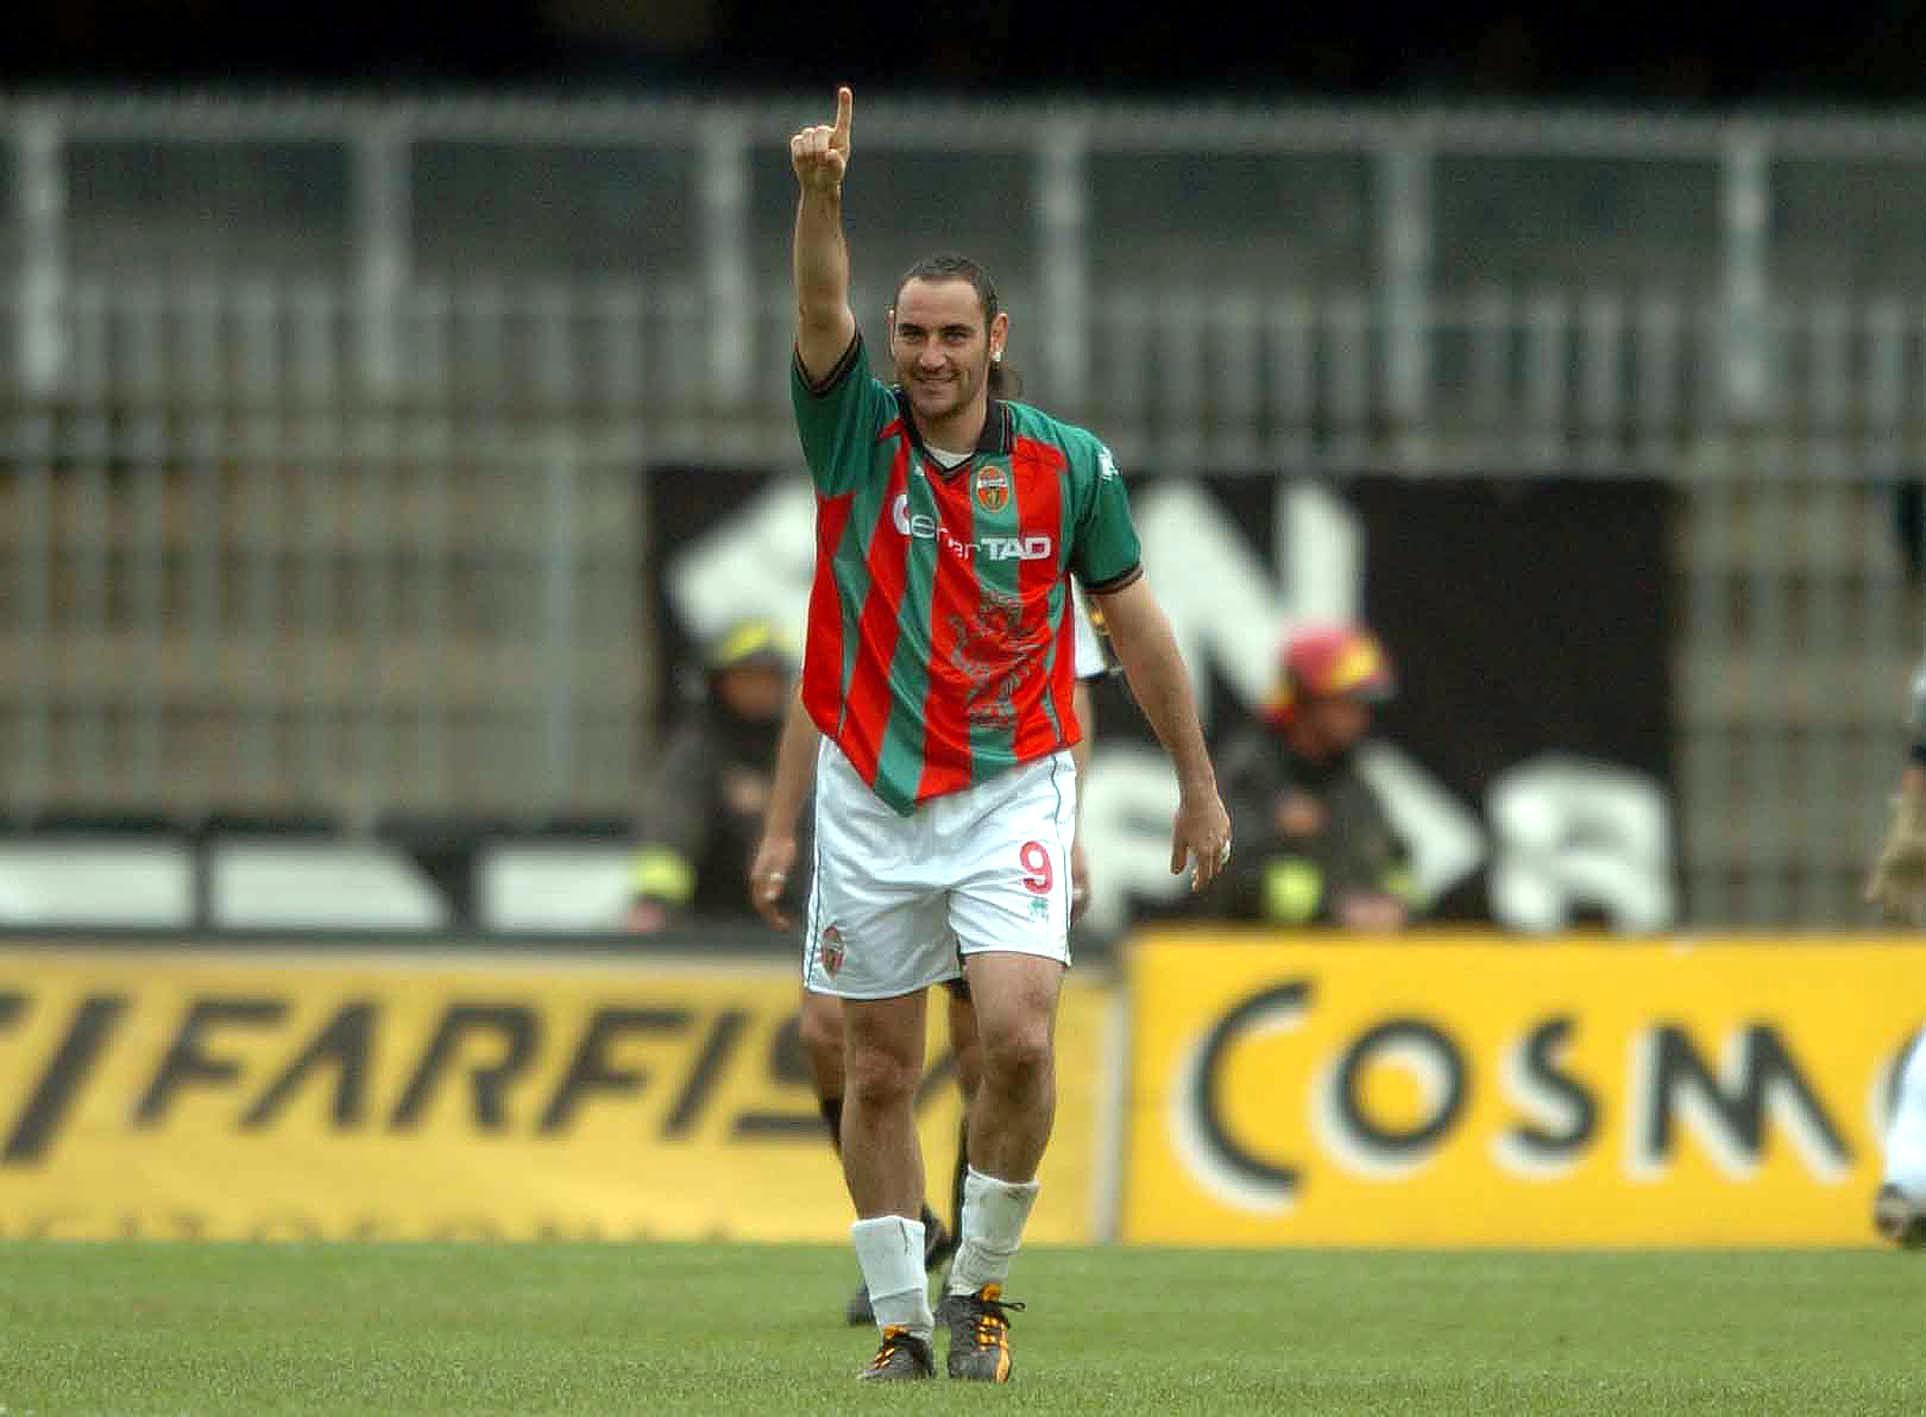 Riccardo Zampagna (foto di www.lagoccia.eu)